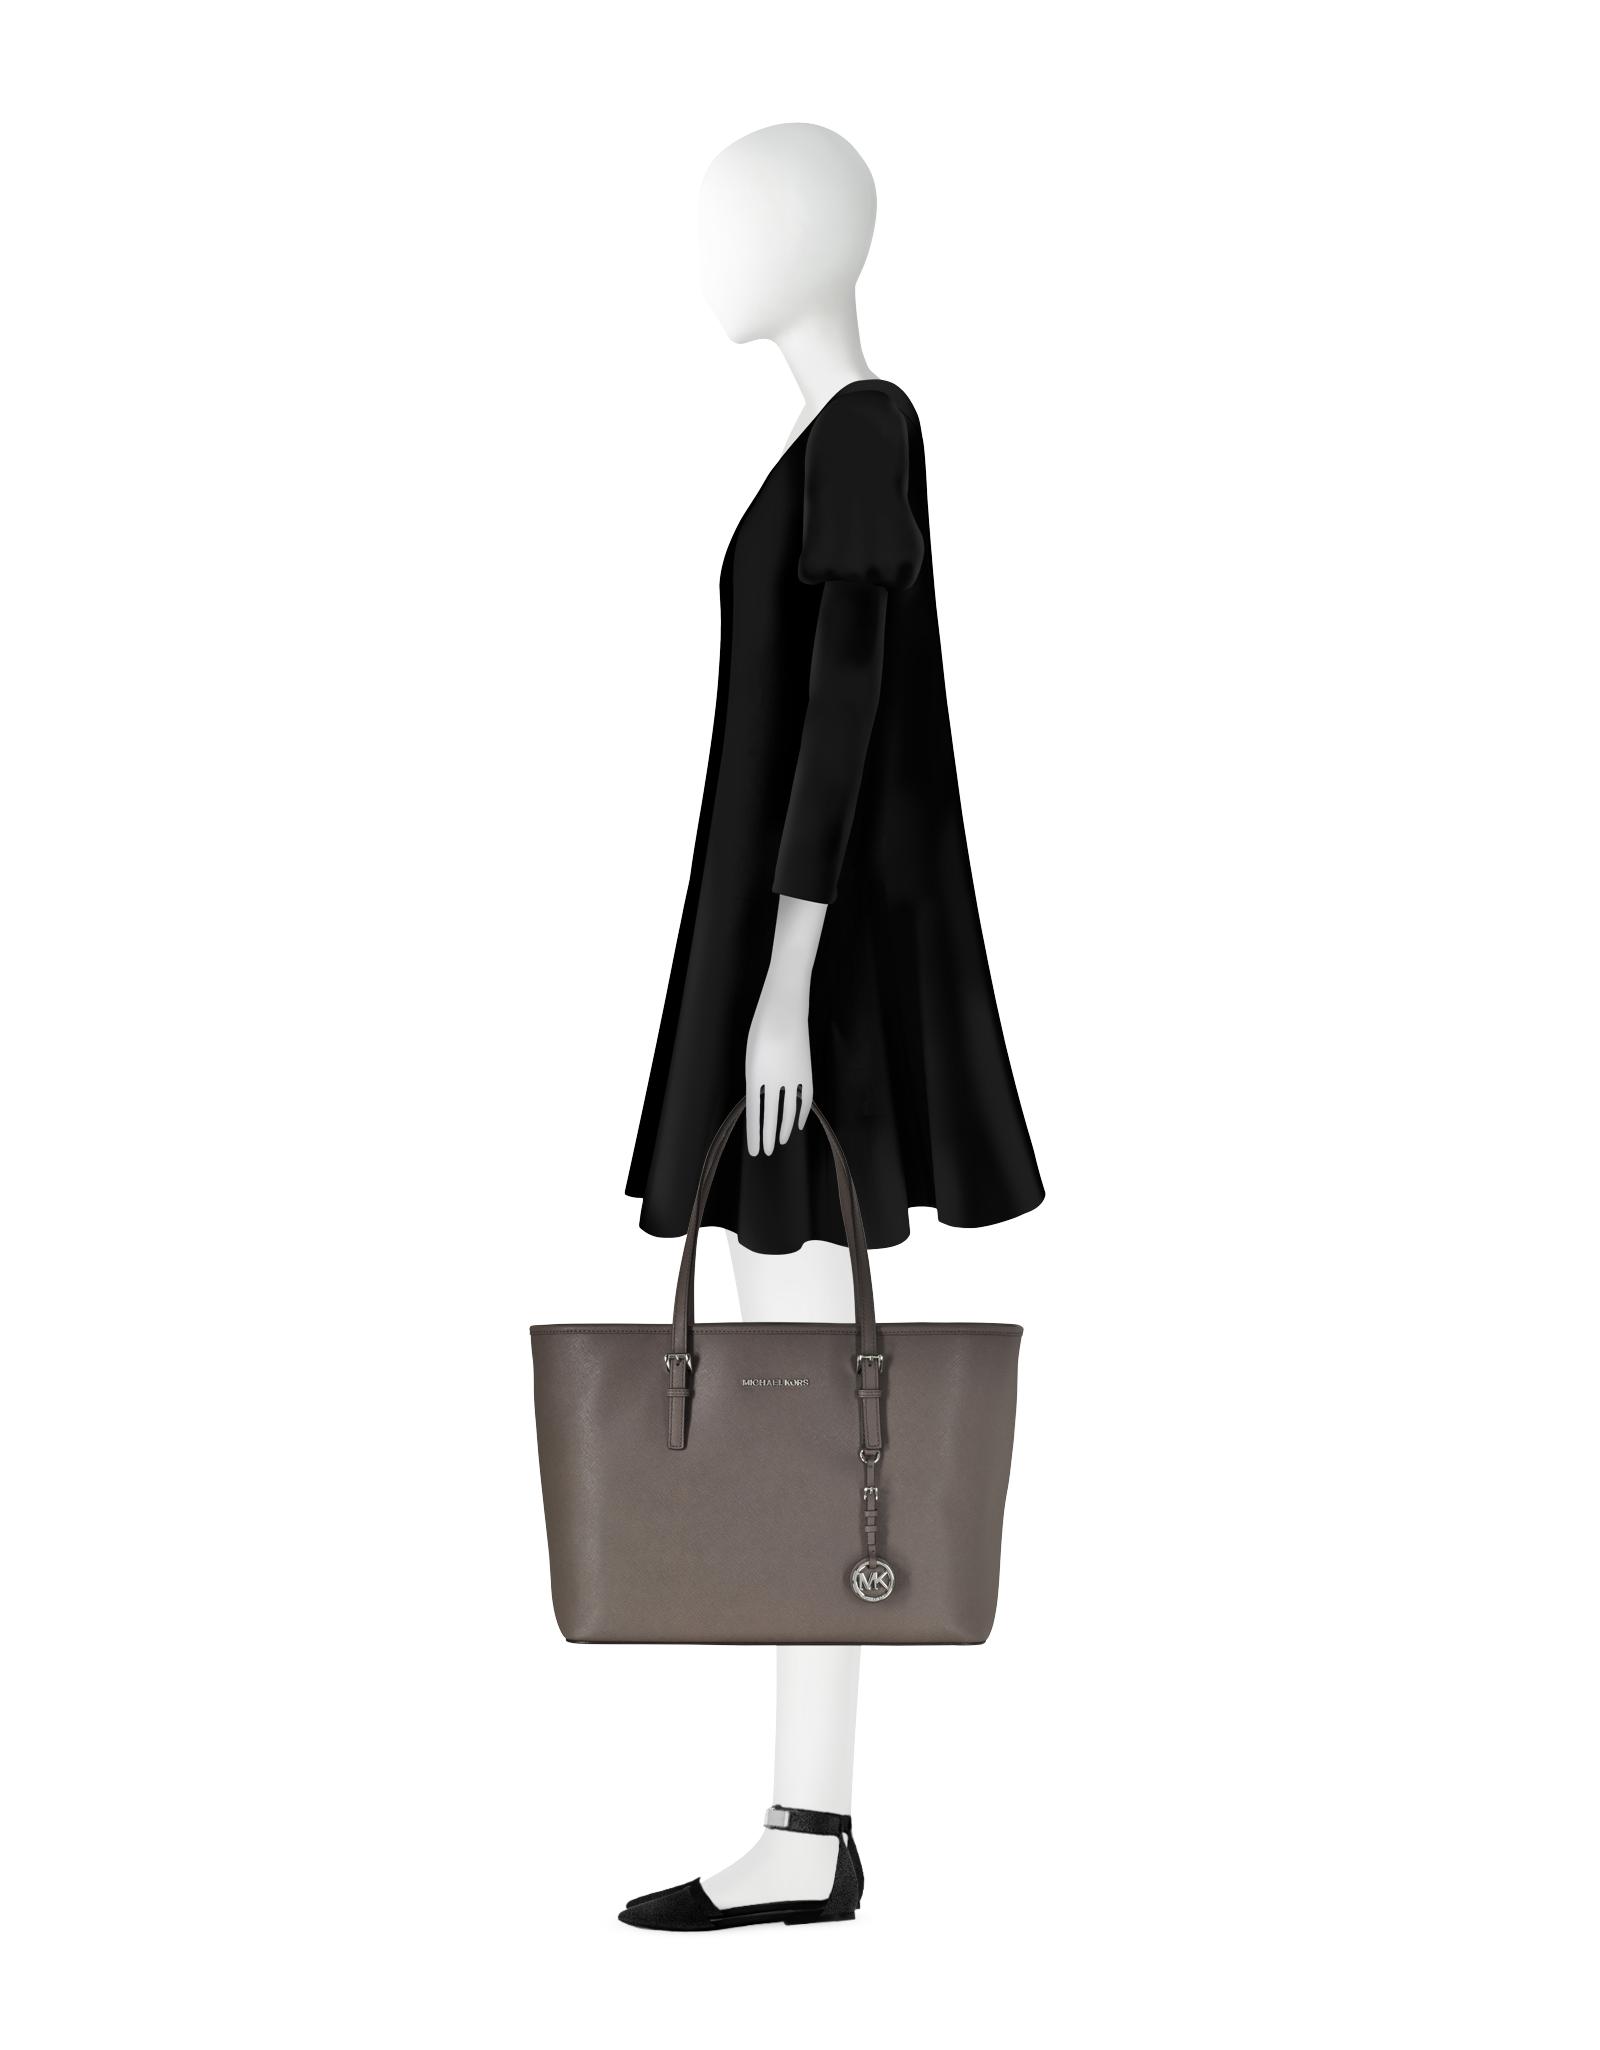 af50938772da2 Lyst - Michael Kors Jet Set Travel Medium Multifunction Cinder Saffiano Tote  Bag in Black